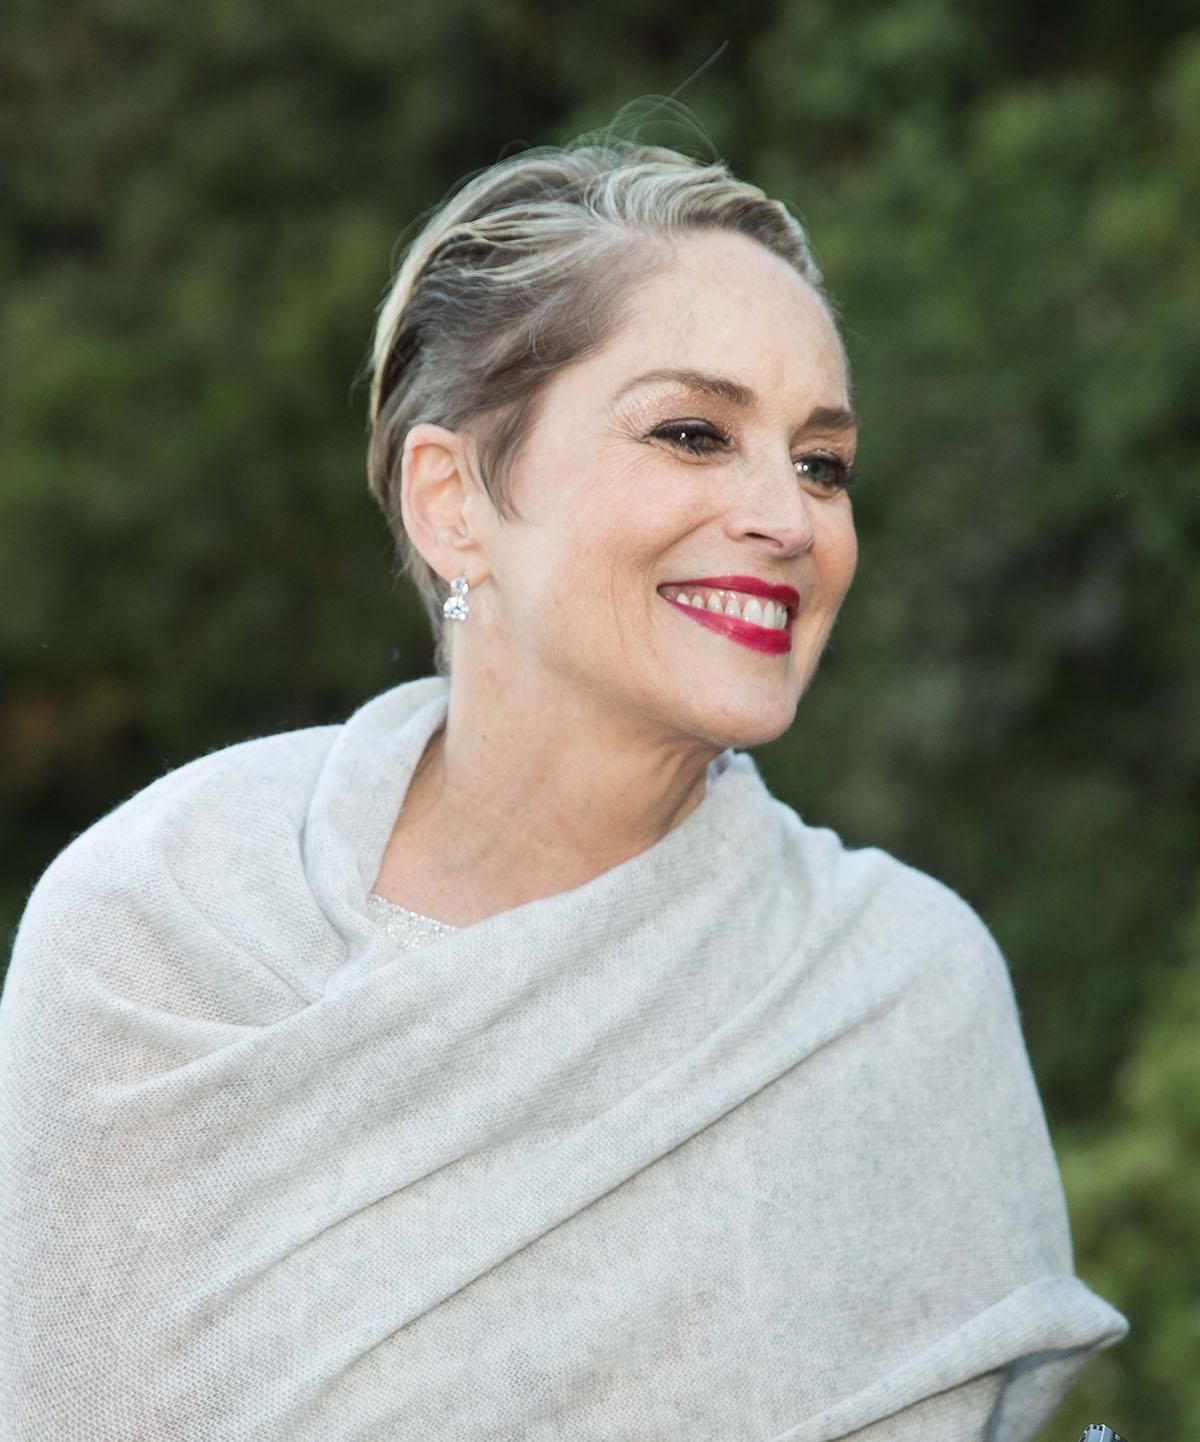 """Sharon Stone habla sobre las secuelas de su accidente cerebrovascular: """"Tuve que volver a aprender a caminar, leer y escribir"""" 2"""